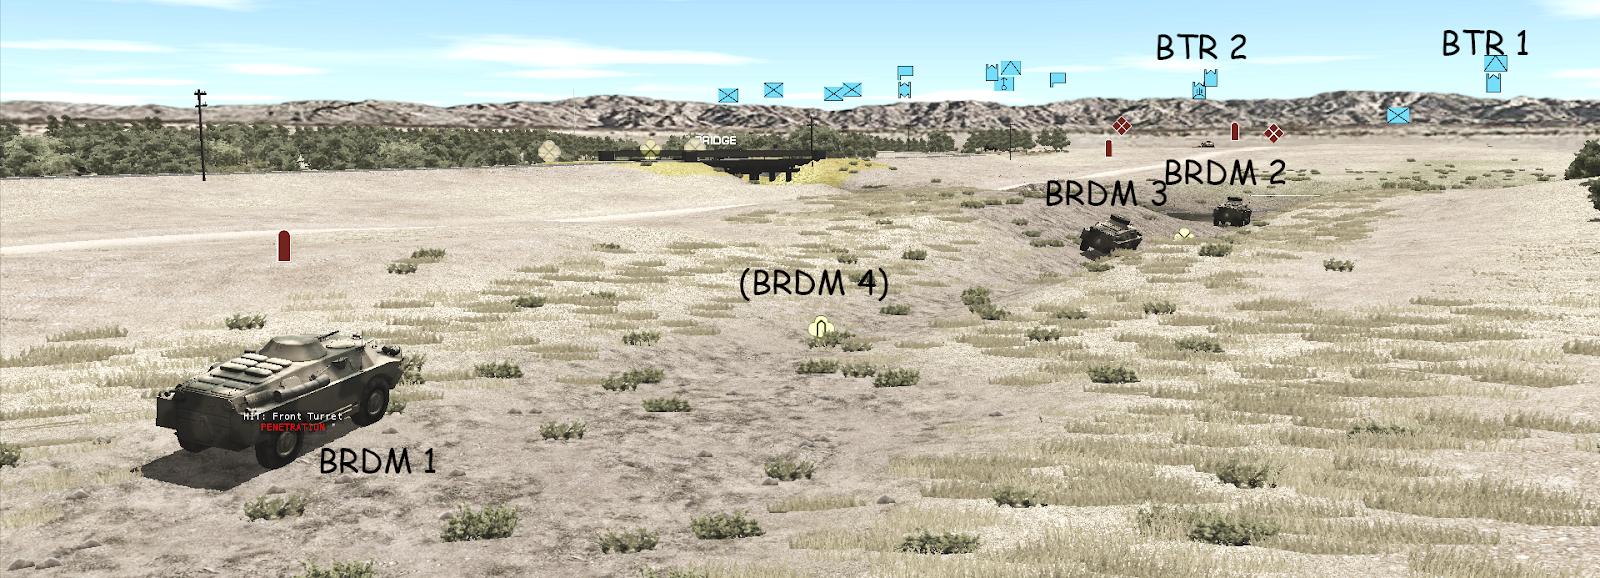 G+BTR2+v+BRDM.png